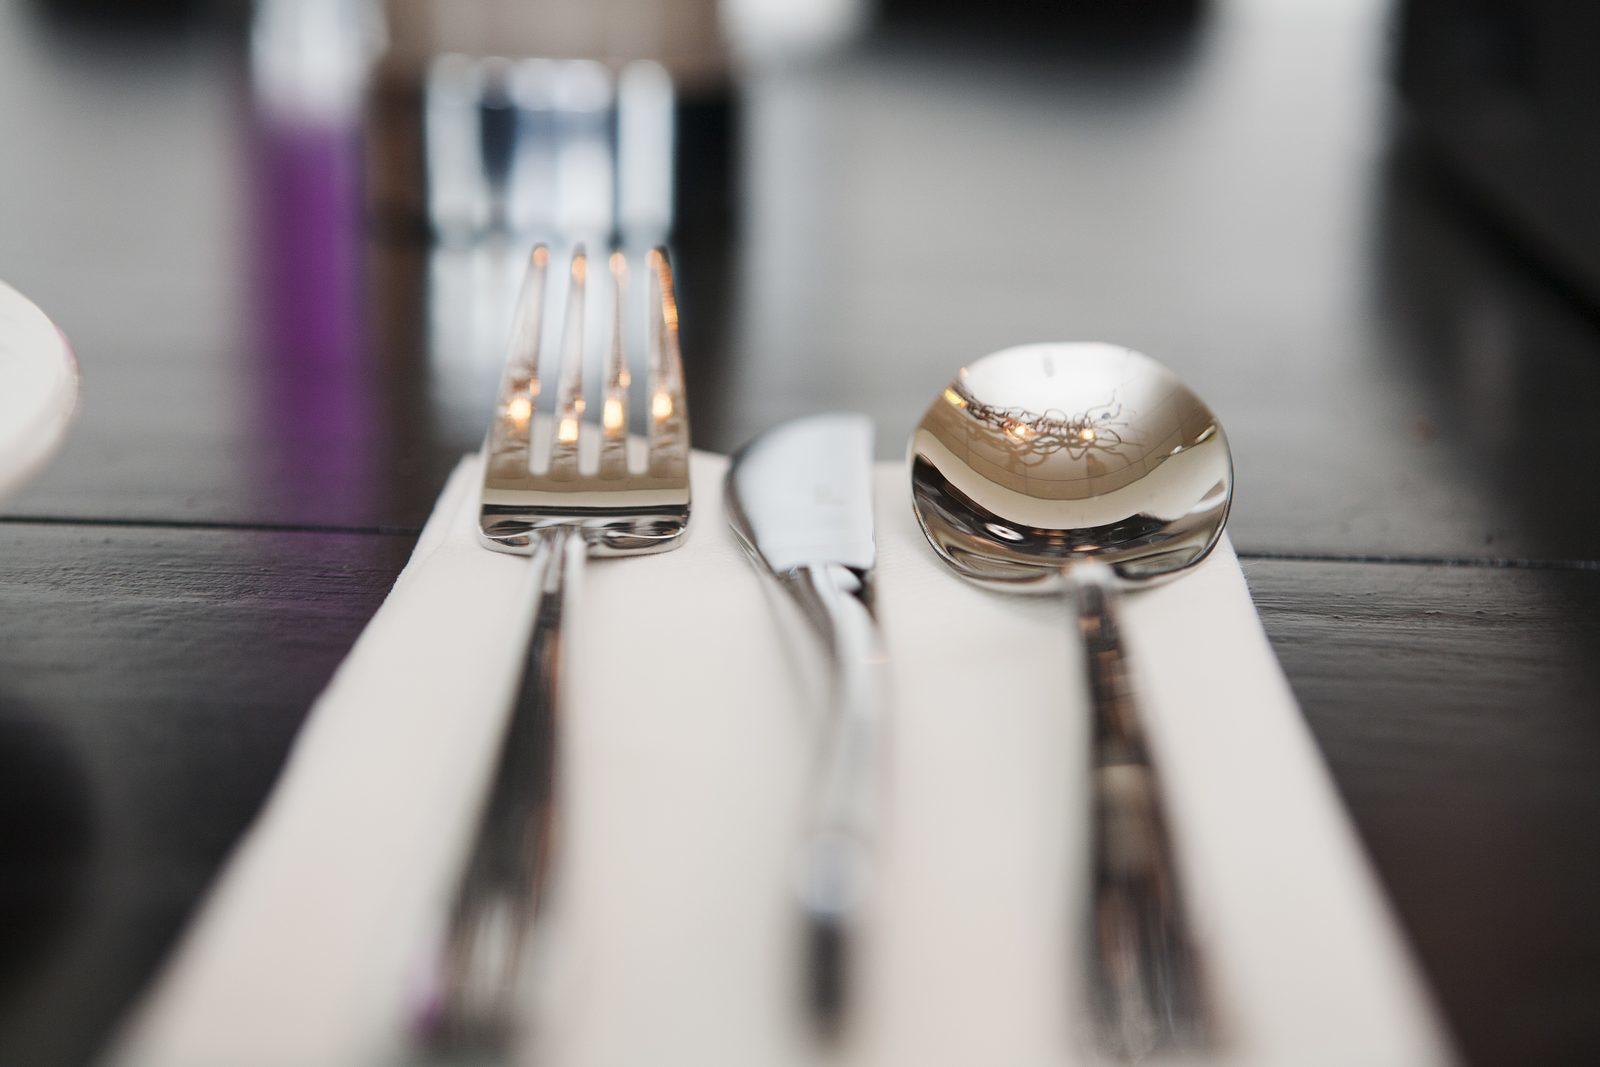 Proef! verdient 3,5 koksmuts door culinair recensent